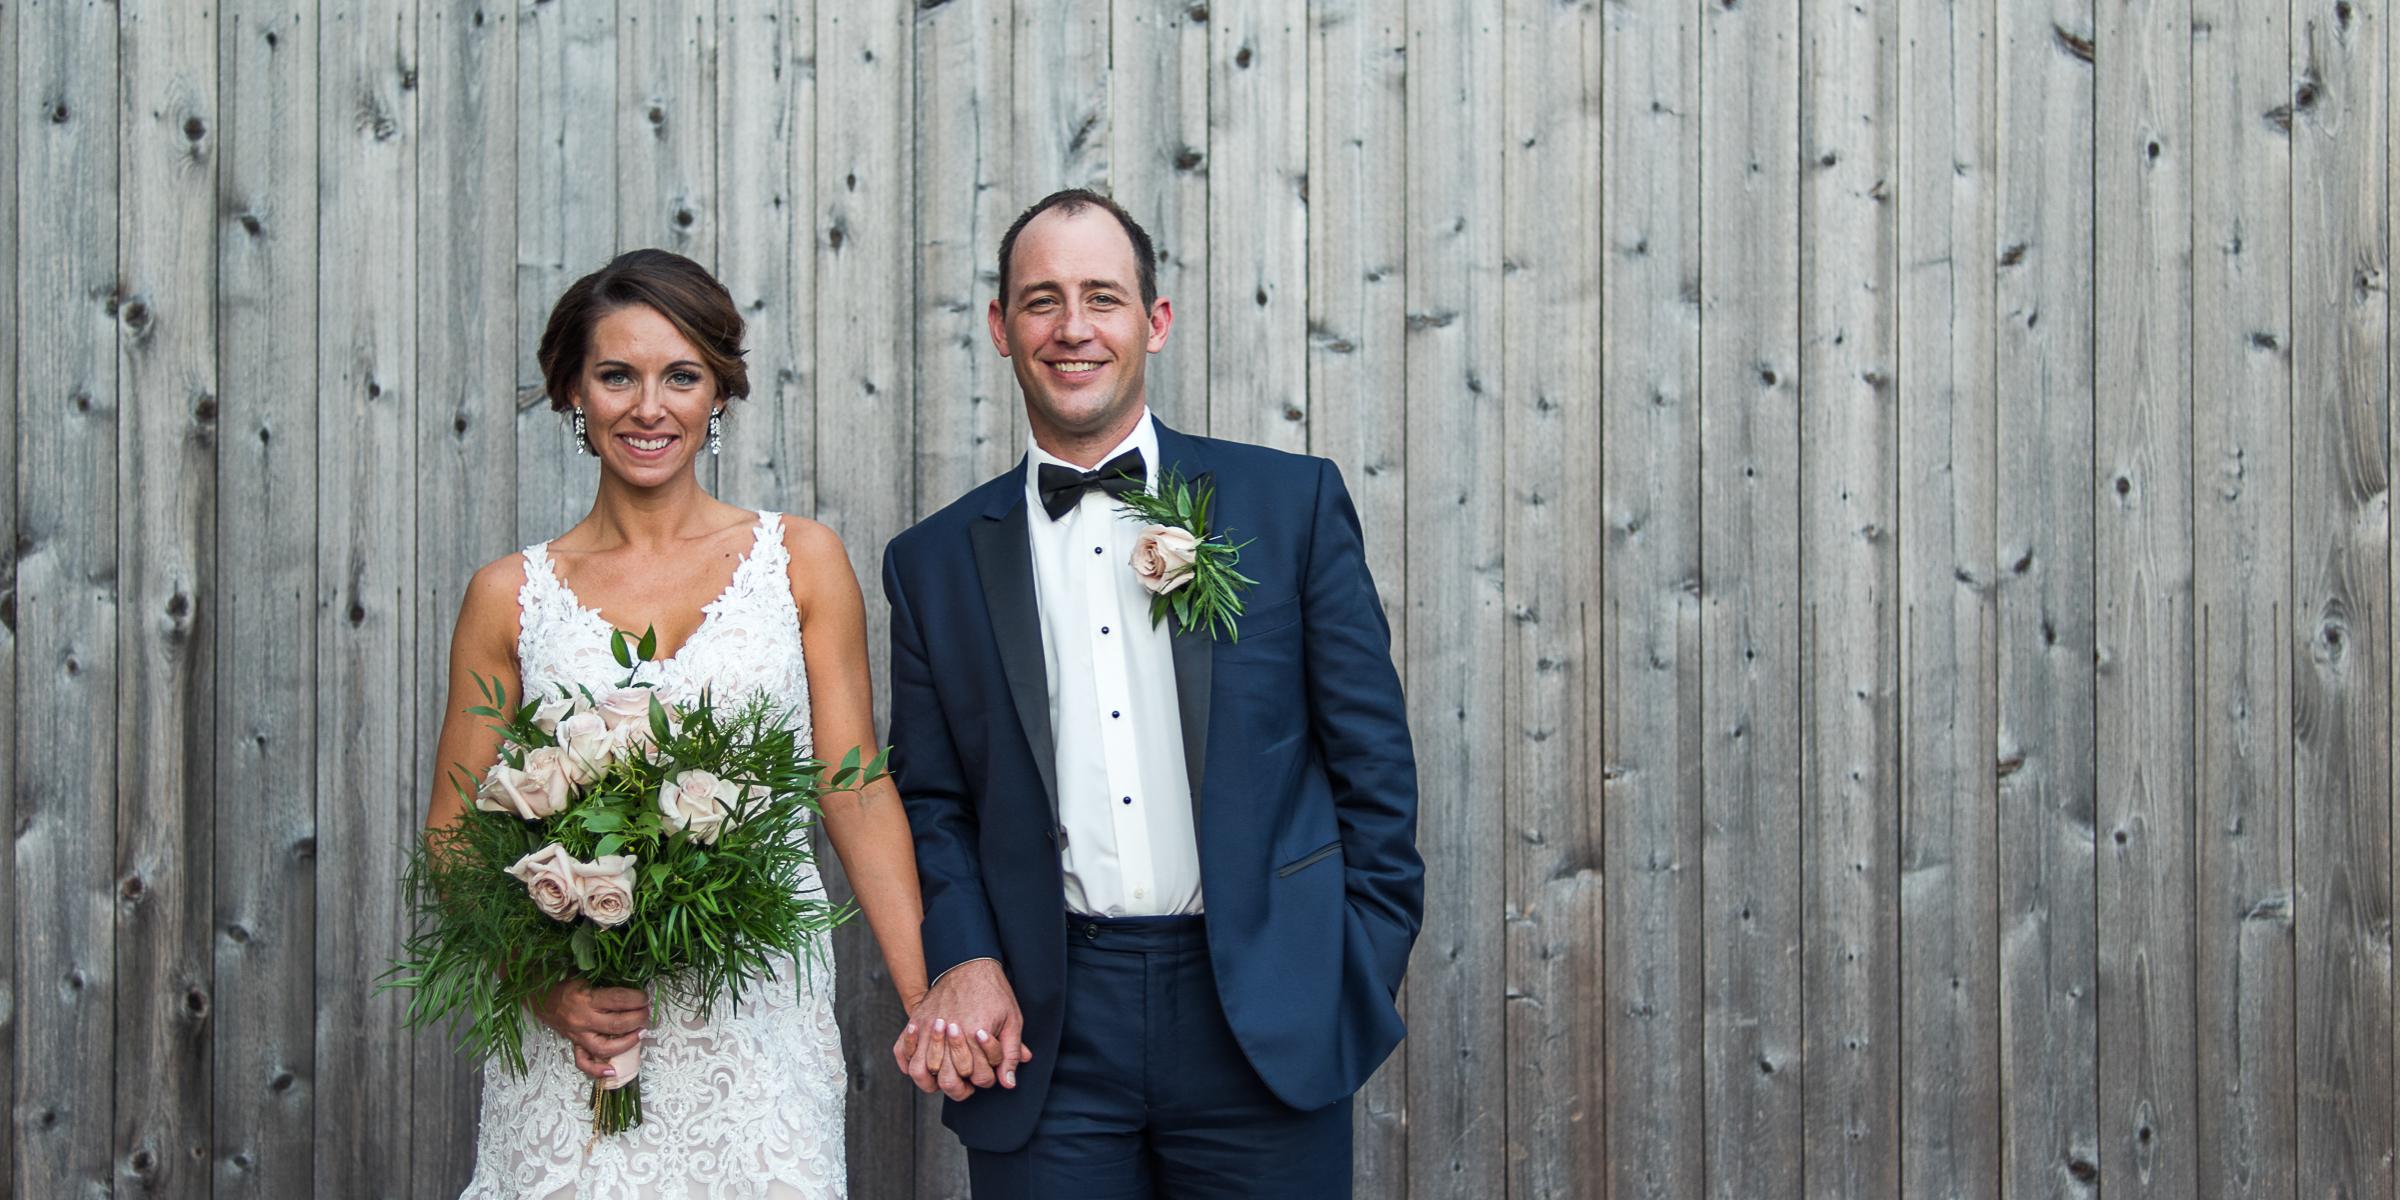 ColumbusWeddingPhotographer_Wedding_WeddingWire-3.jpg